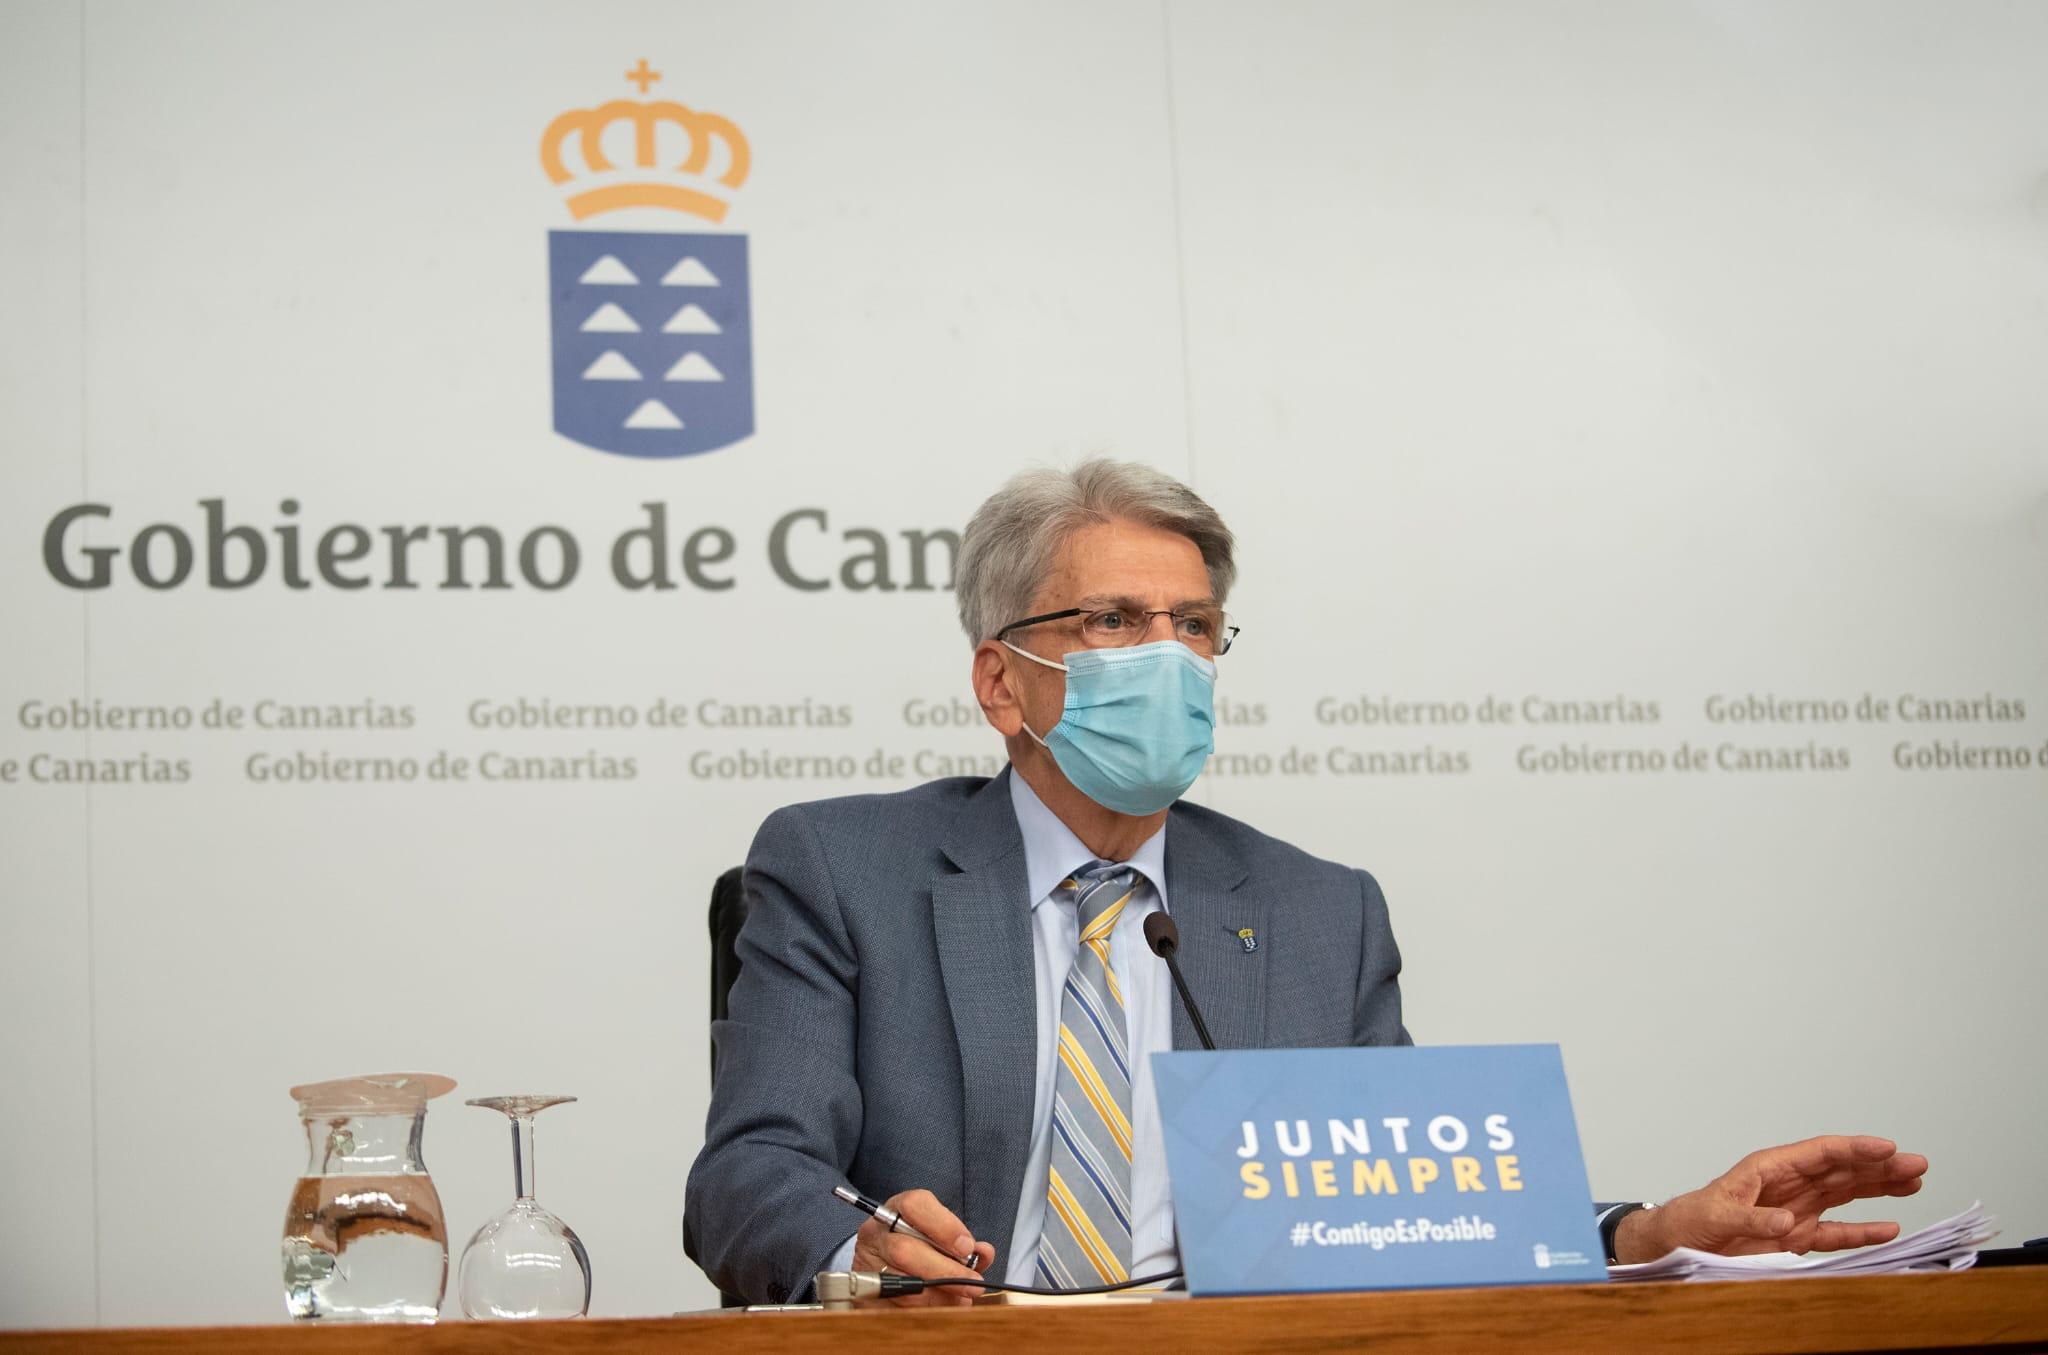 El Gobierno de Canarias aprueba financiar con 12 millones más los servicios sociales municipales